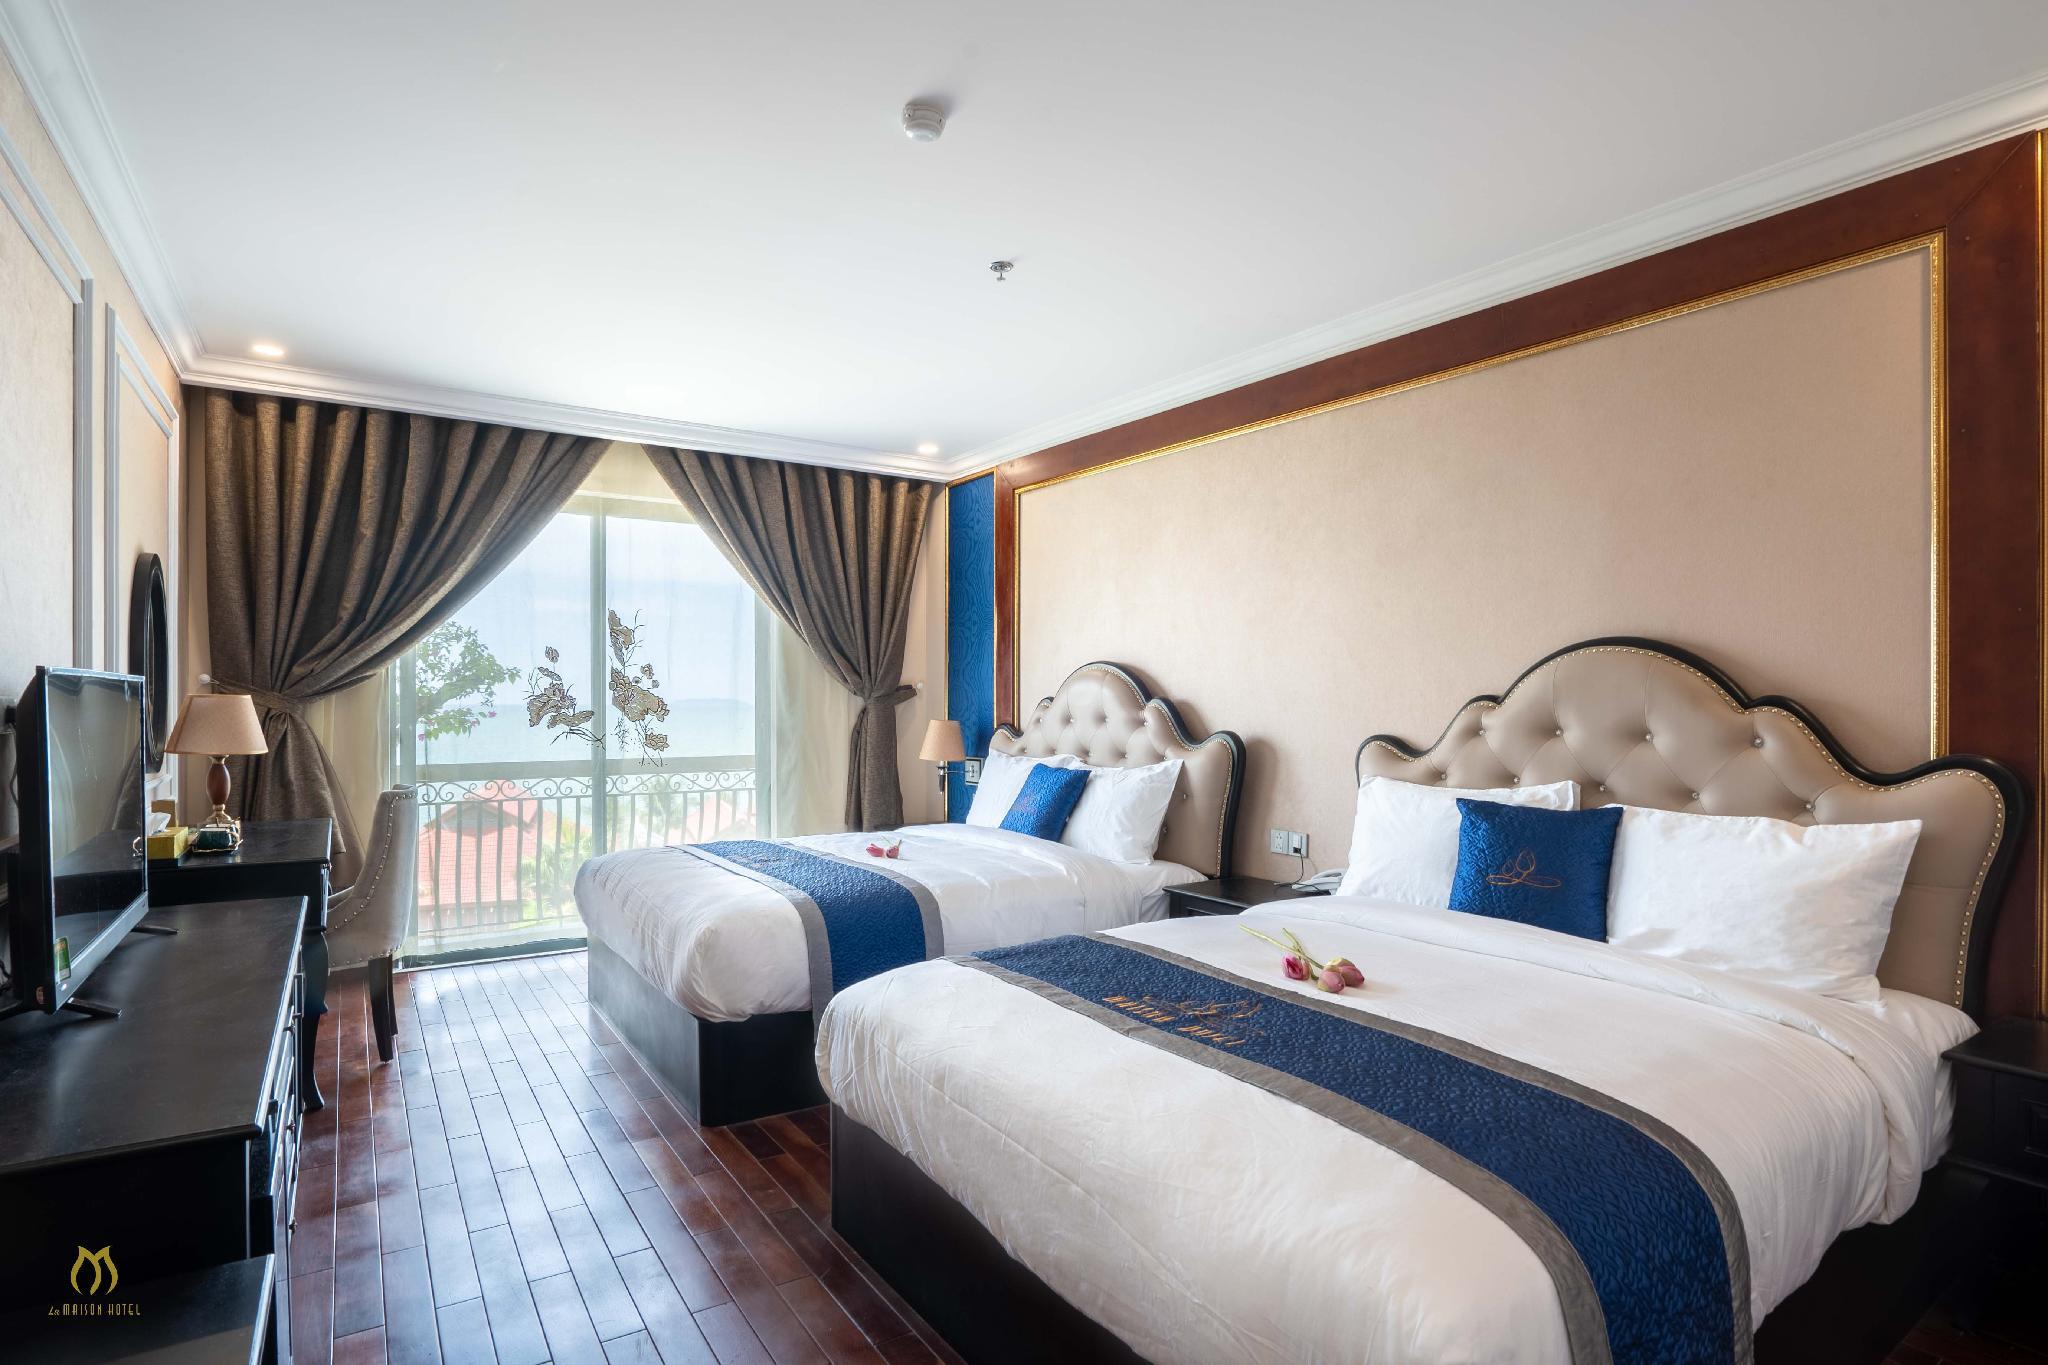 Khách sạn luôn là sự lựa chọn ưu tiên của các du khách - Ảnh: La Maison Hotel